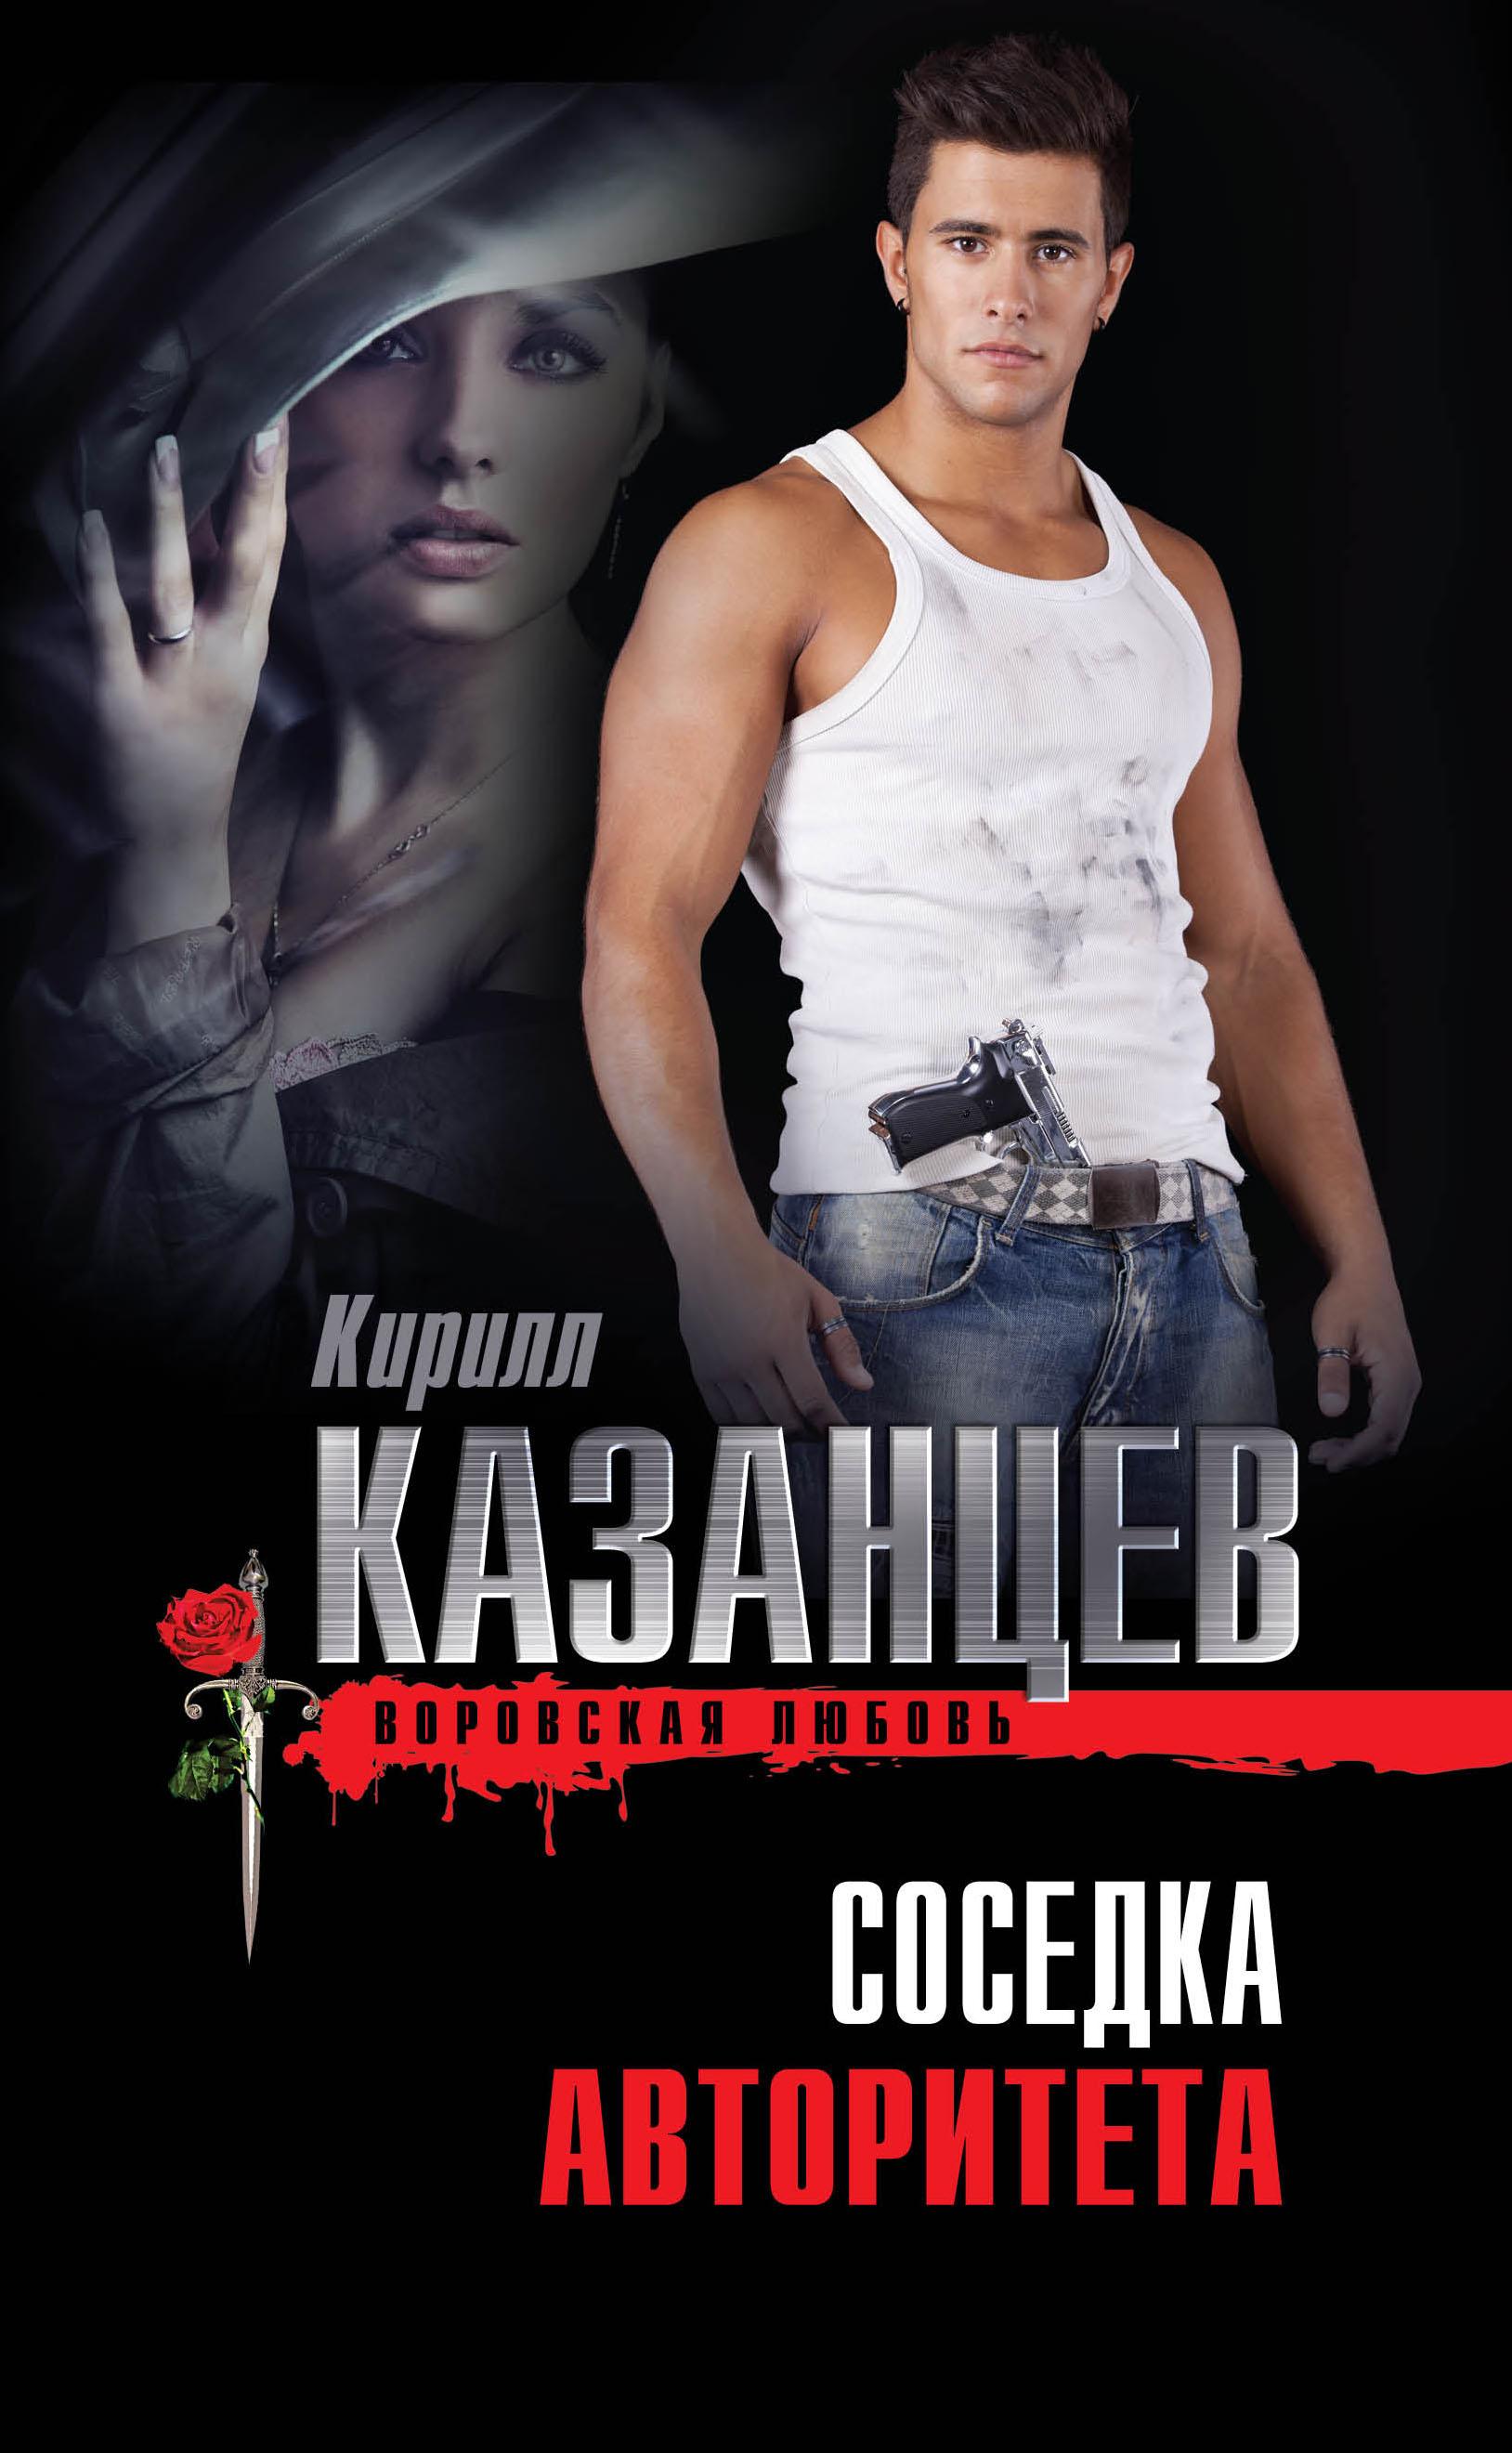 КИРИЛЛ КАЗАНЦЕВ СОСЕДКА АВТОРИТЕТА СКАЧАТЬ БЕСПЛАТНО